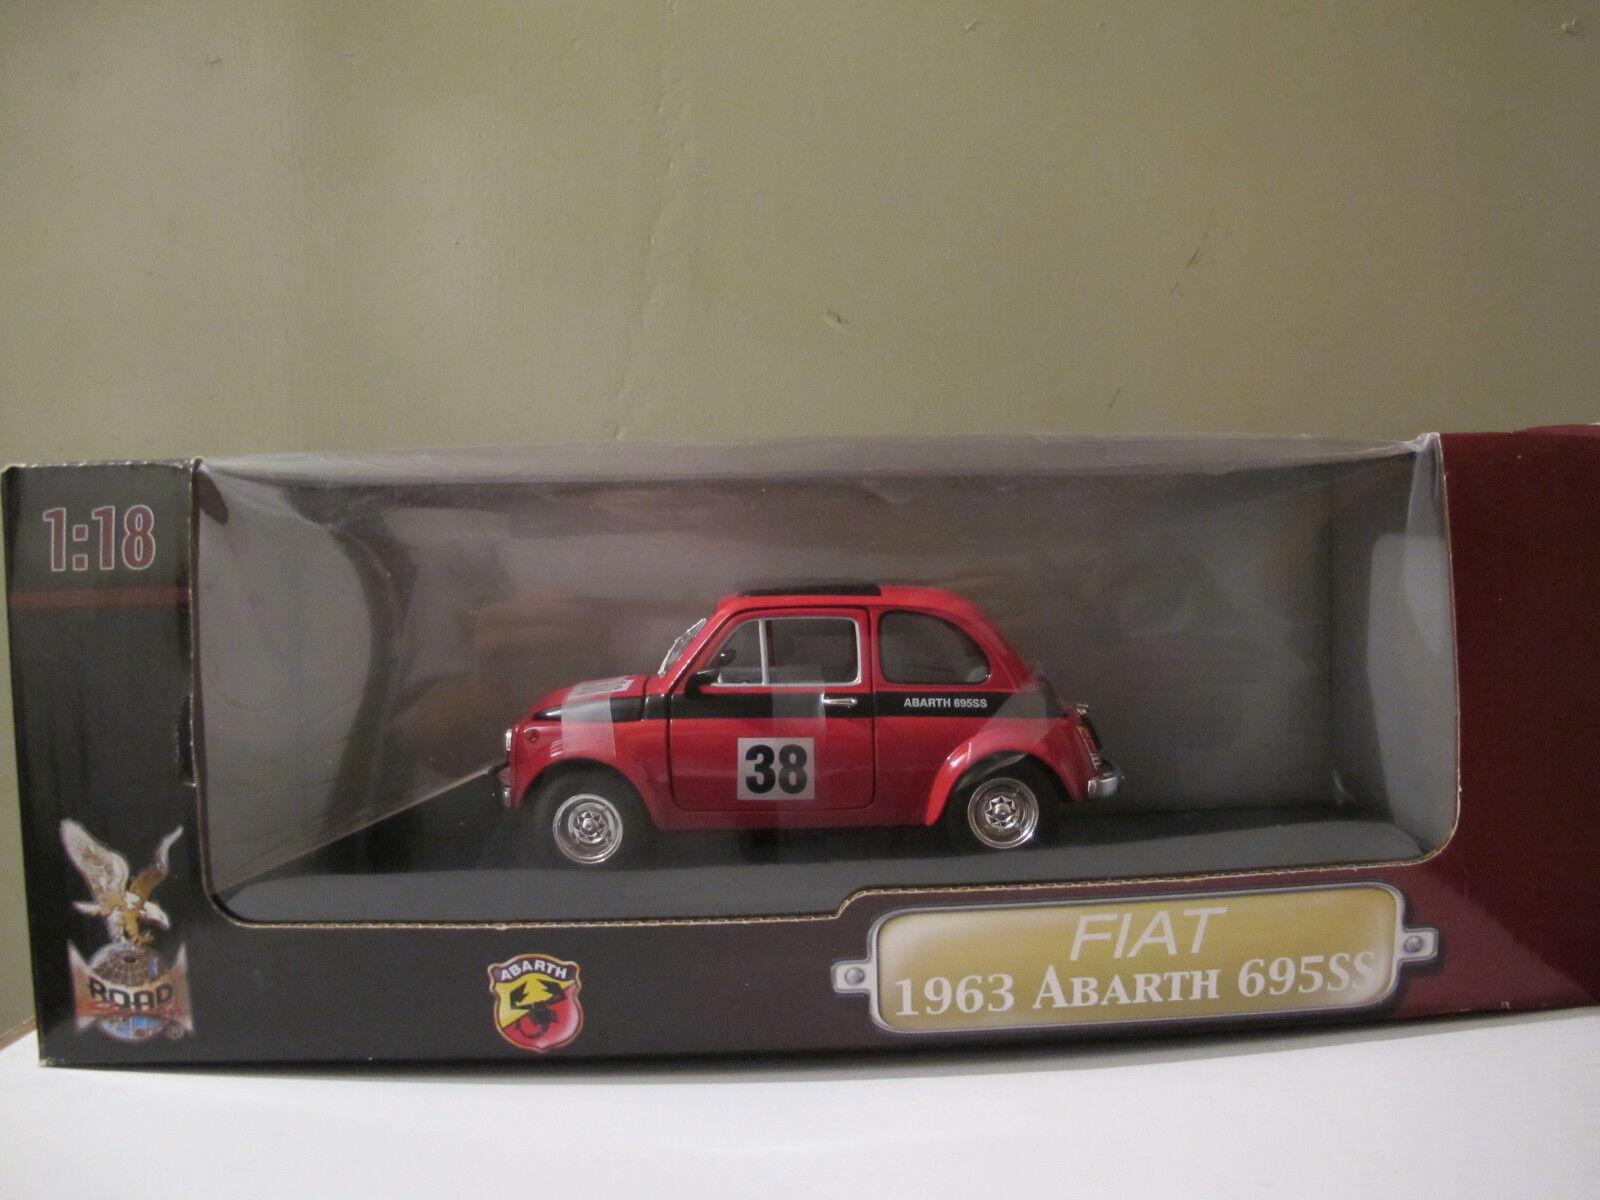 1 18 Road Signature, Fiat Abarth 695ss de 1963, nº 38 en rojo nuevo & OVP rareza